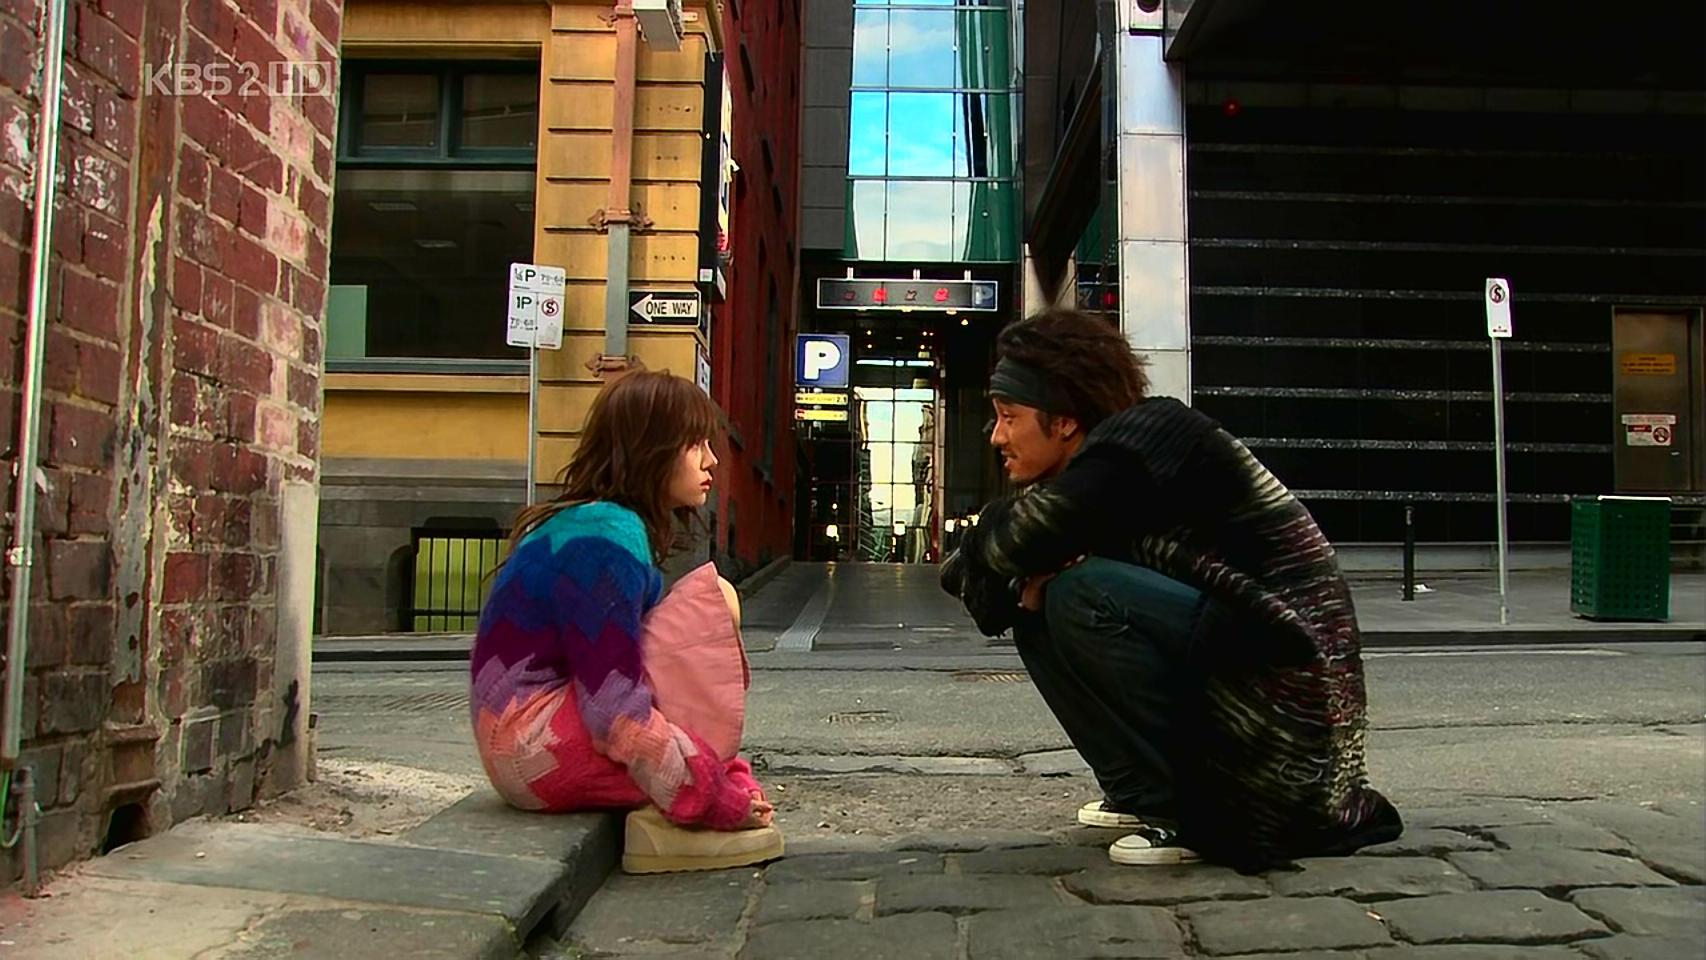 对不起我爱你韩剧_求韩剧《对不起 我爱你》的720P资源_百度知道